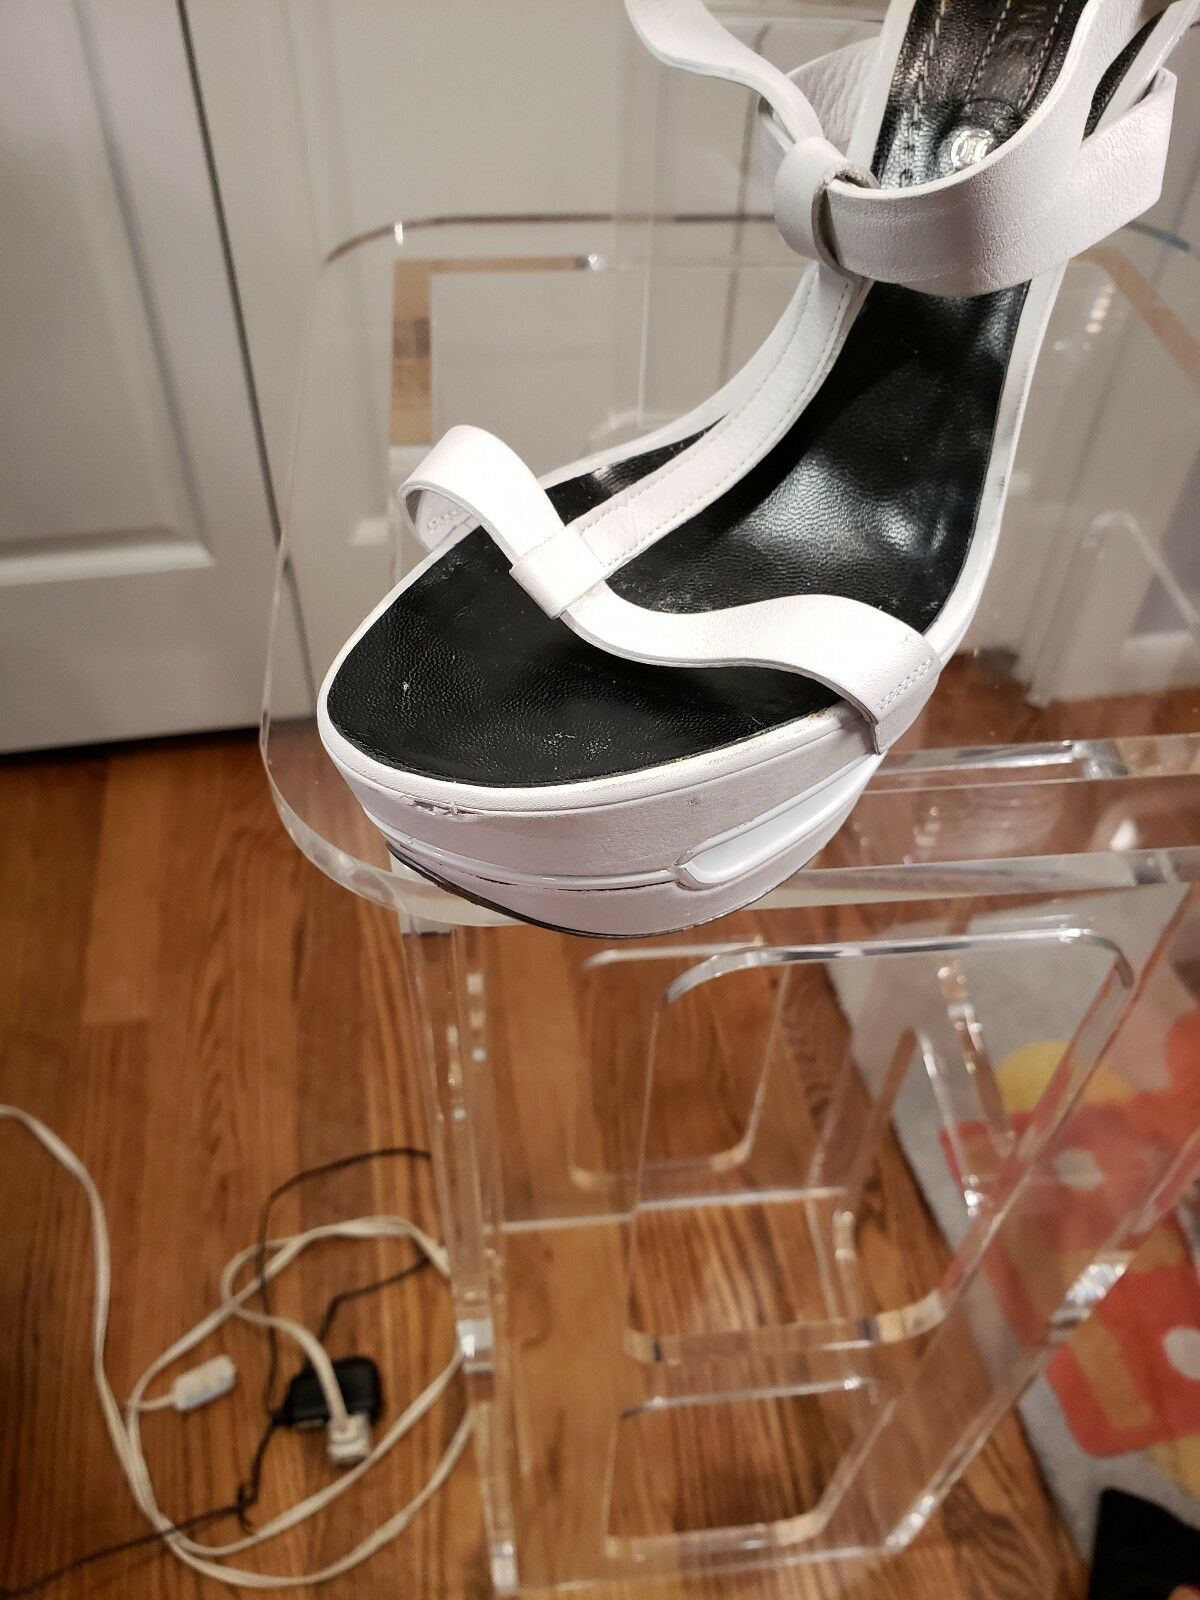 CELINE Runway cuir cuir cuir blanc compensées à brides cheville Wrap Chaussures Bo  1500 SZ 37.5 ed3c7d